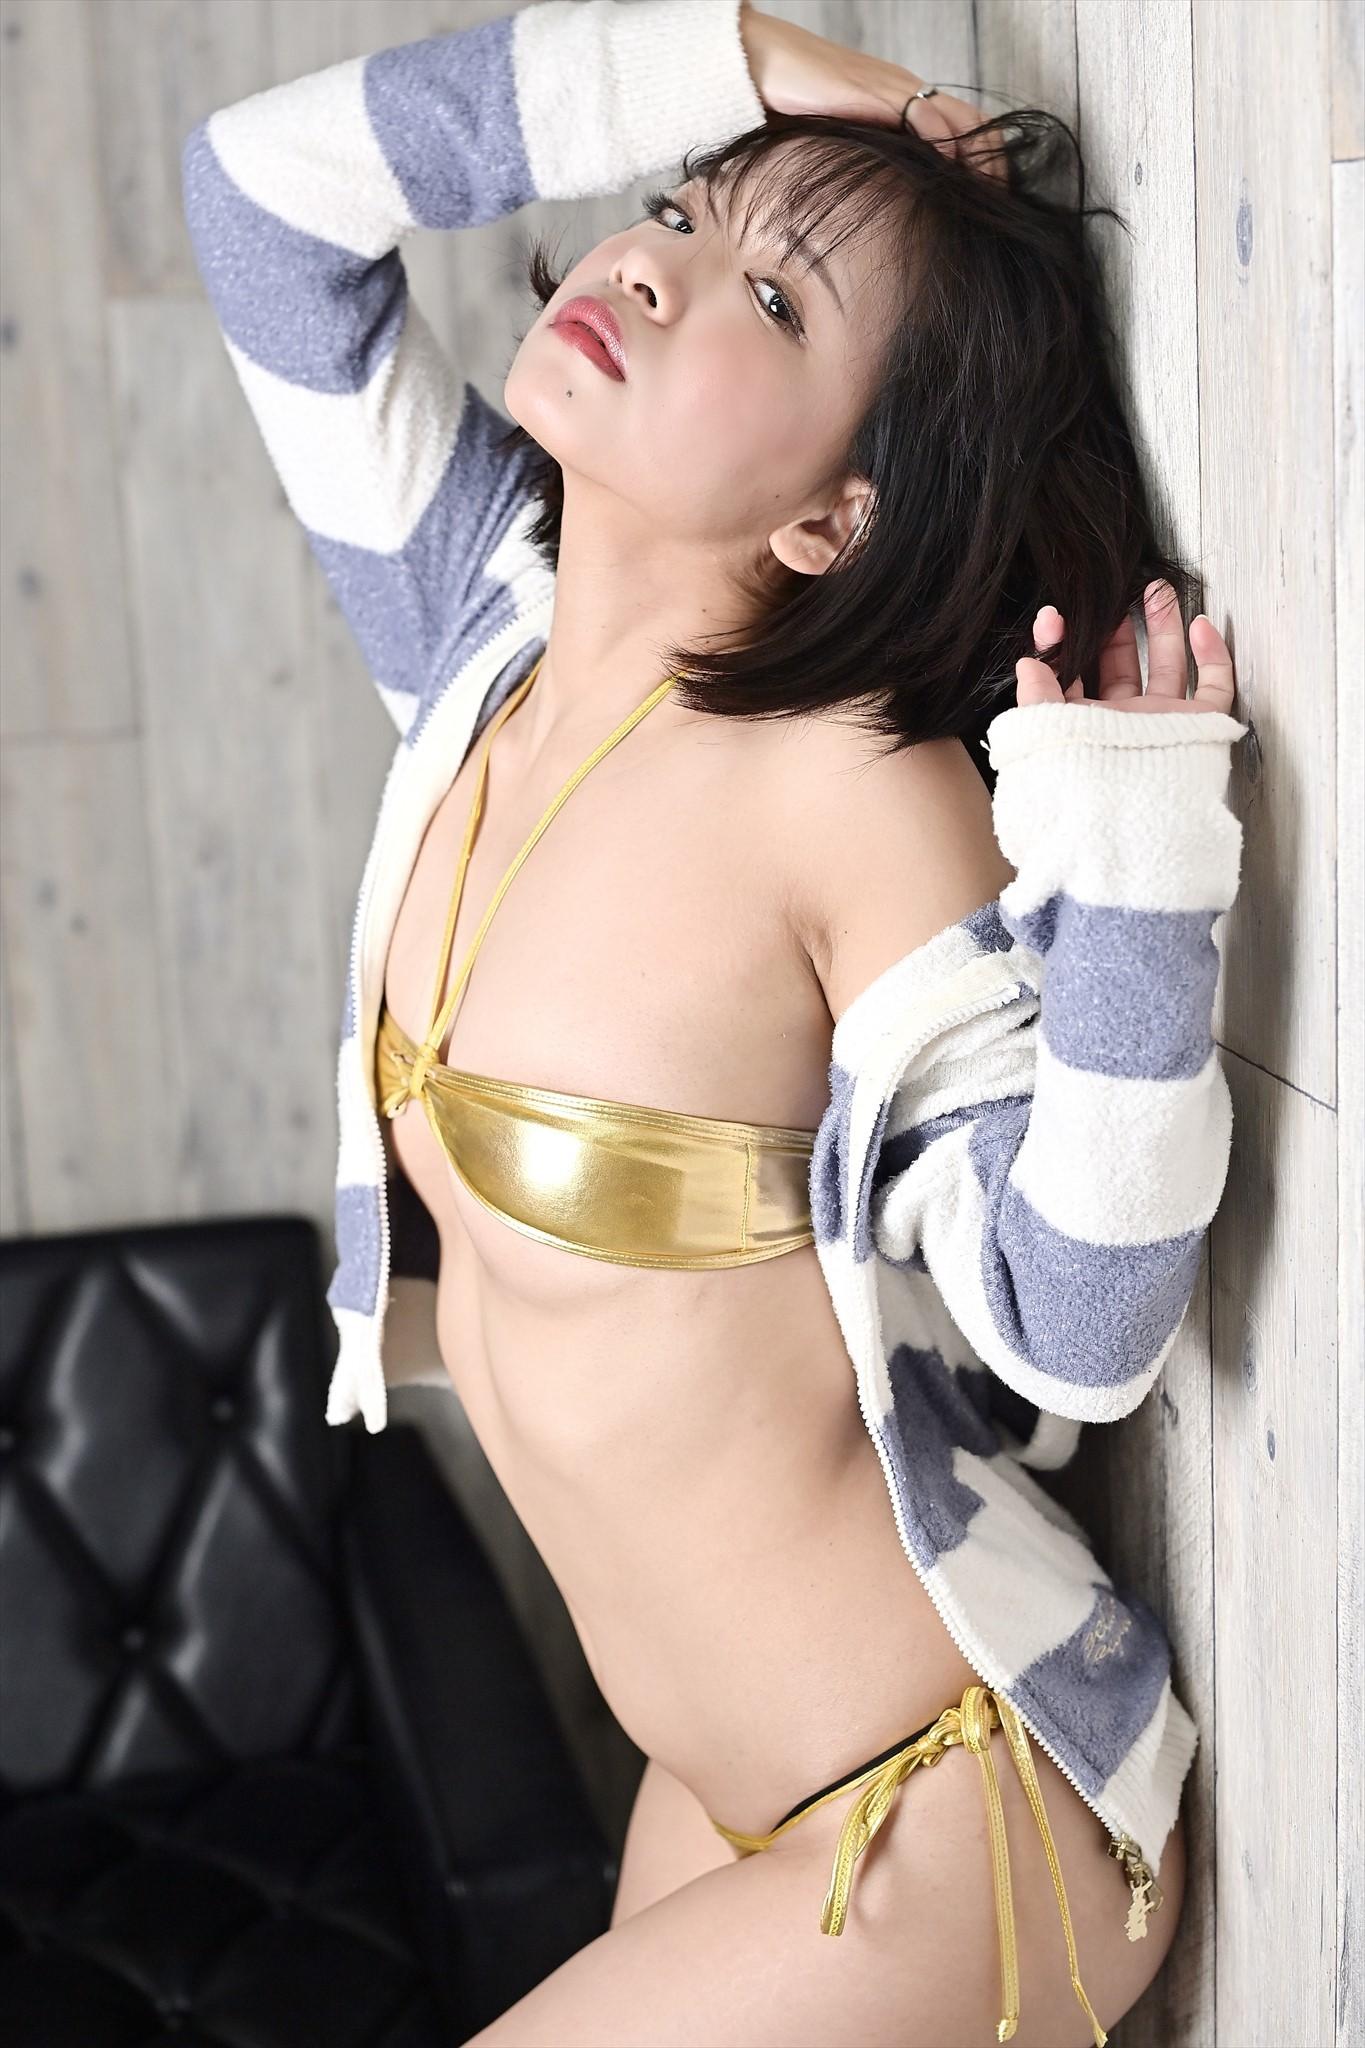 2020年11月14日 東京Lilyセッション撮影会報告_e0194893_23290642.jpg